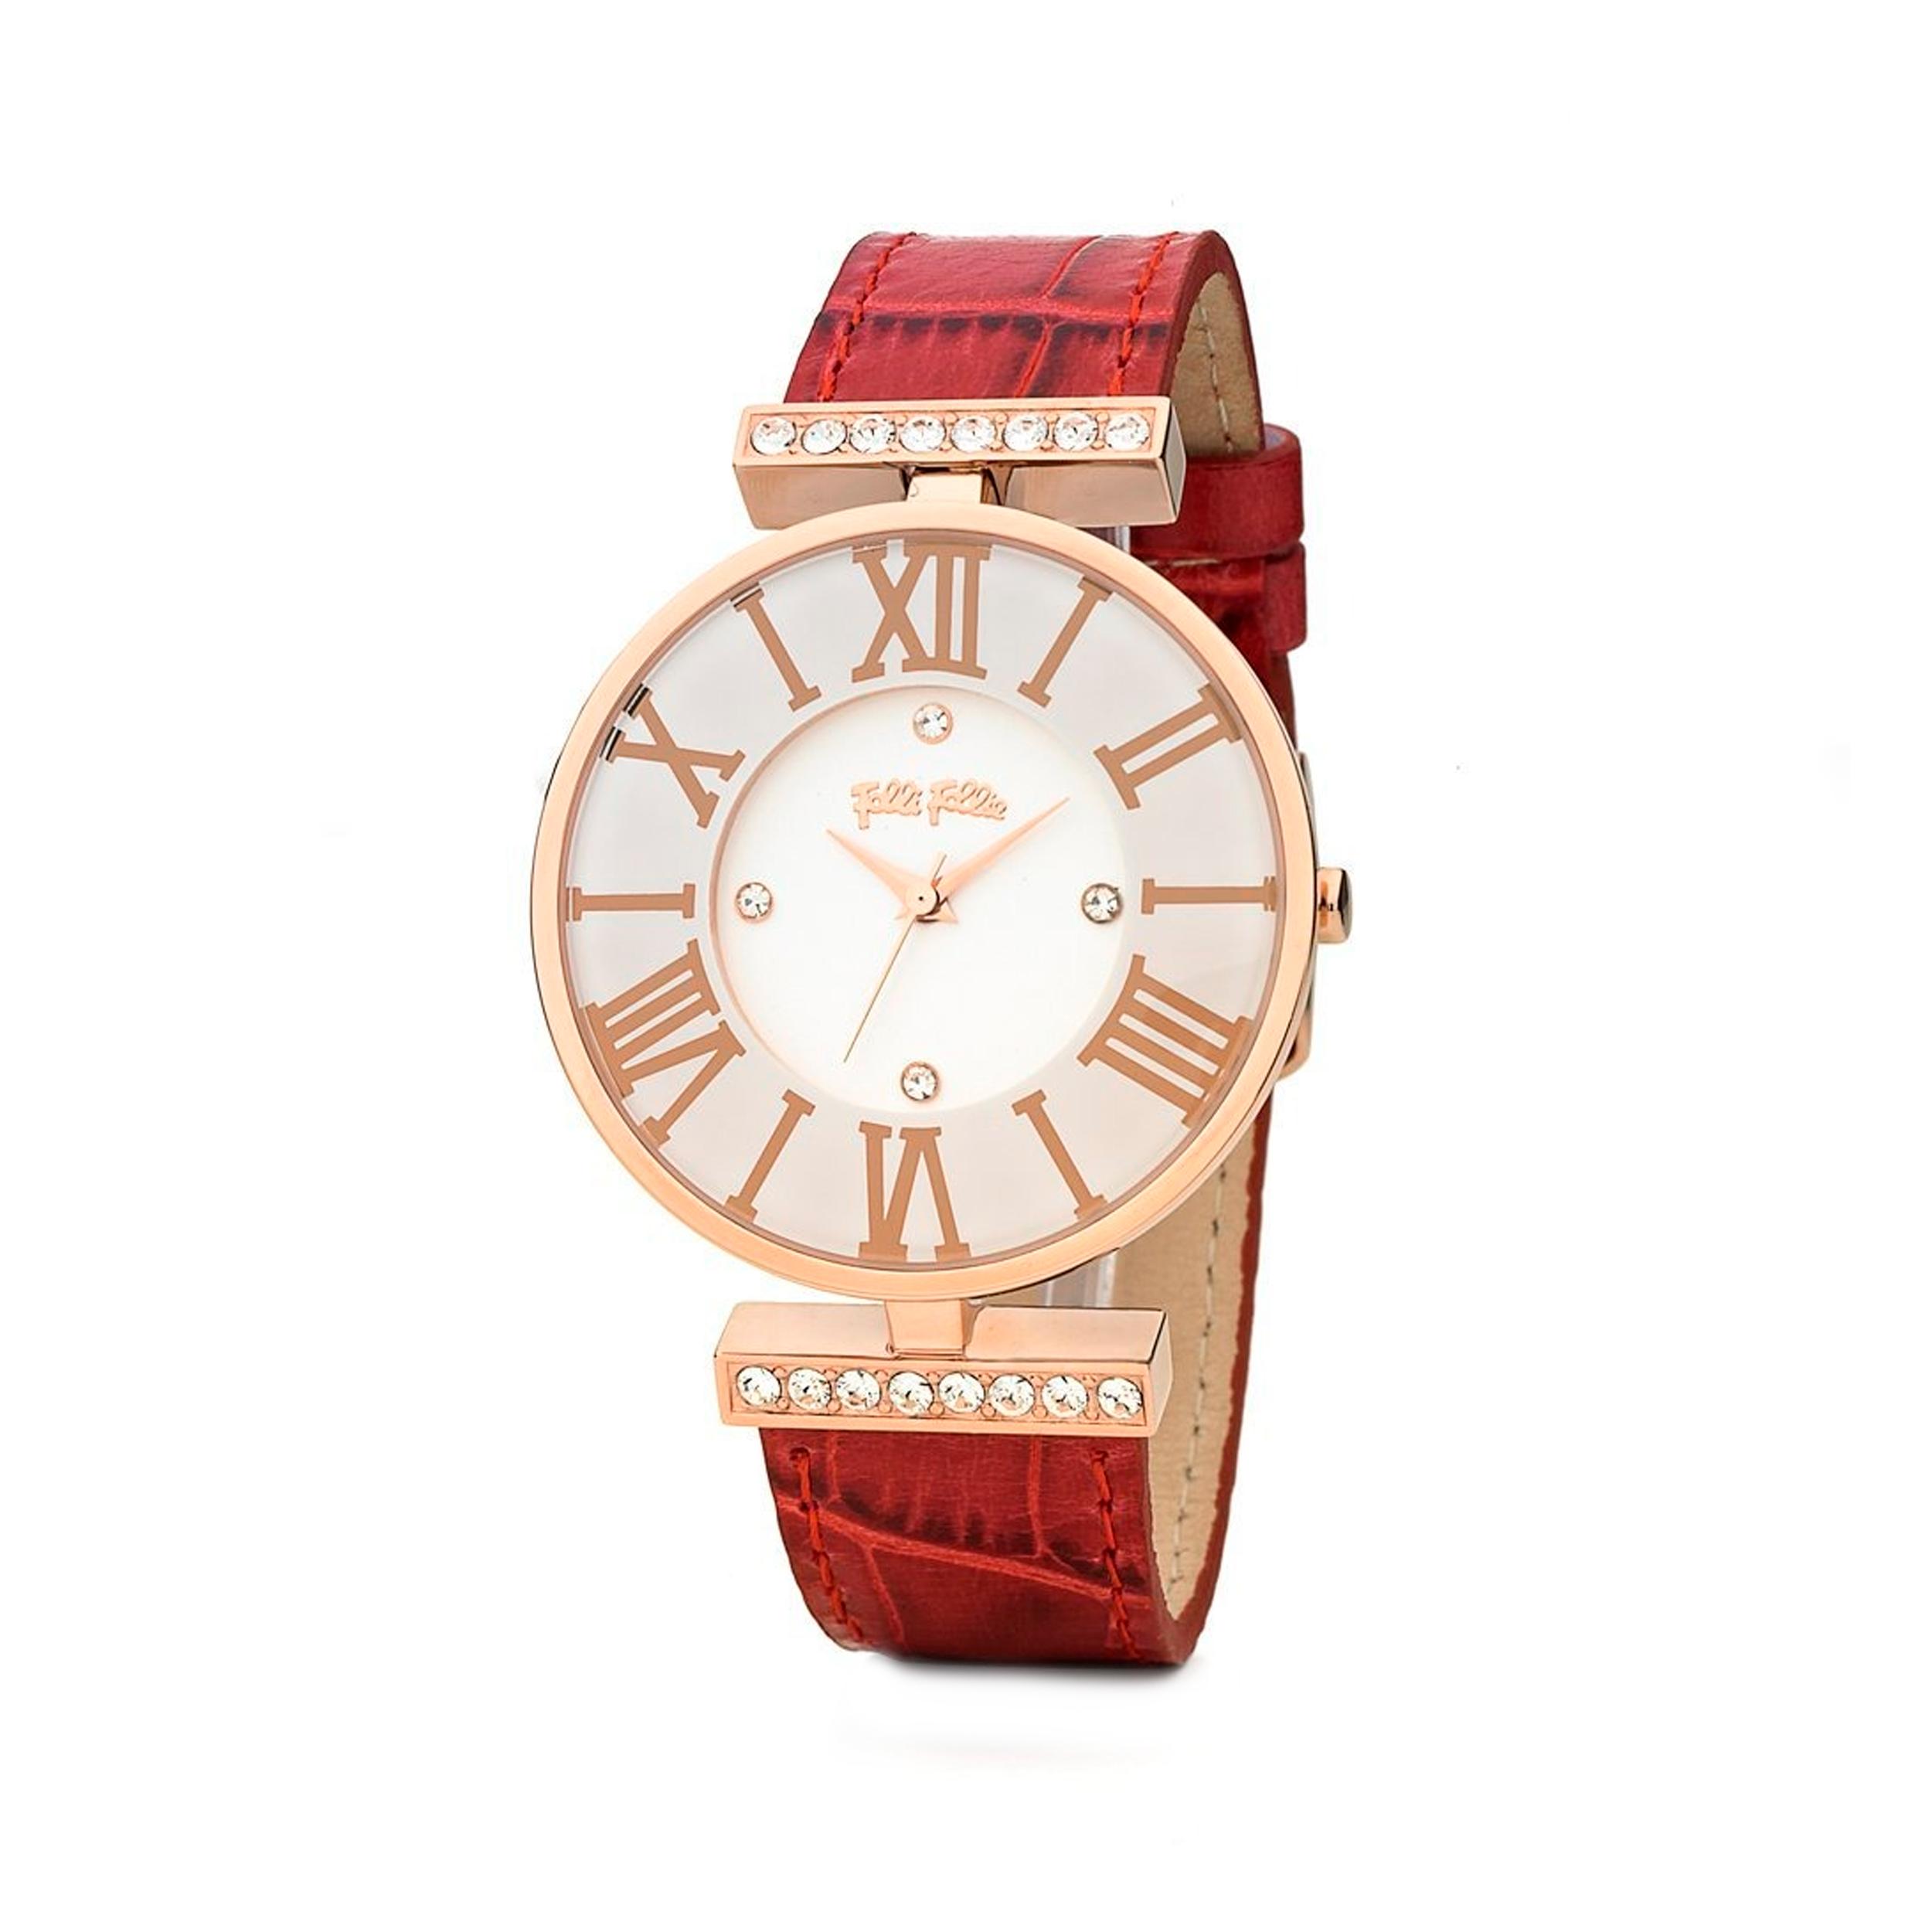 ساعت مچی عقربه ای زنانه فولی فولیه مدل WF1B029SSS-RE (بدون جعبه اورجینال)              خرید (⭐️⭐️⭐️)